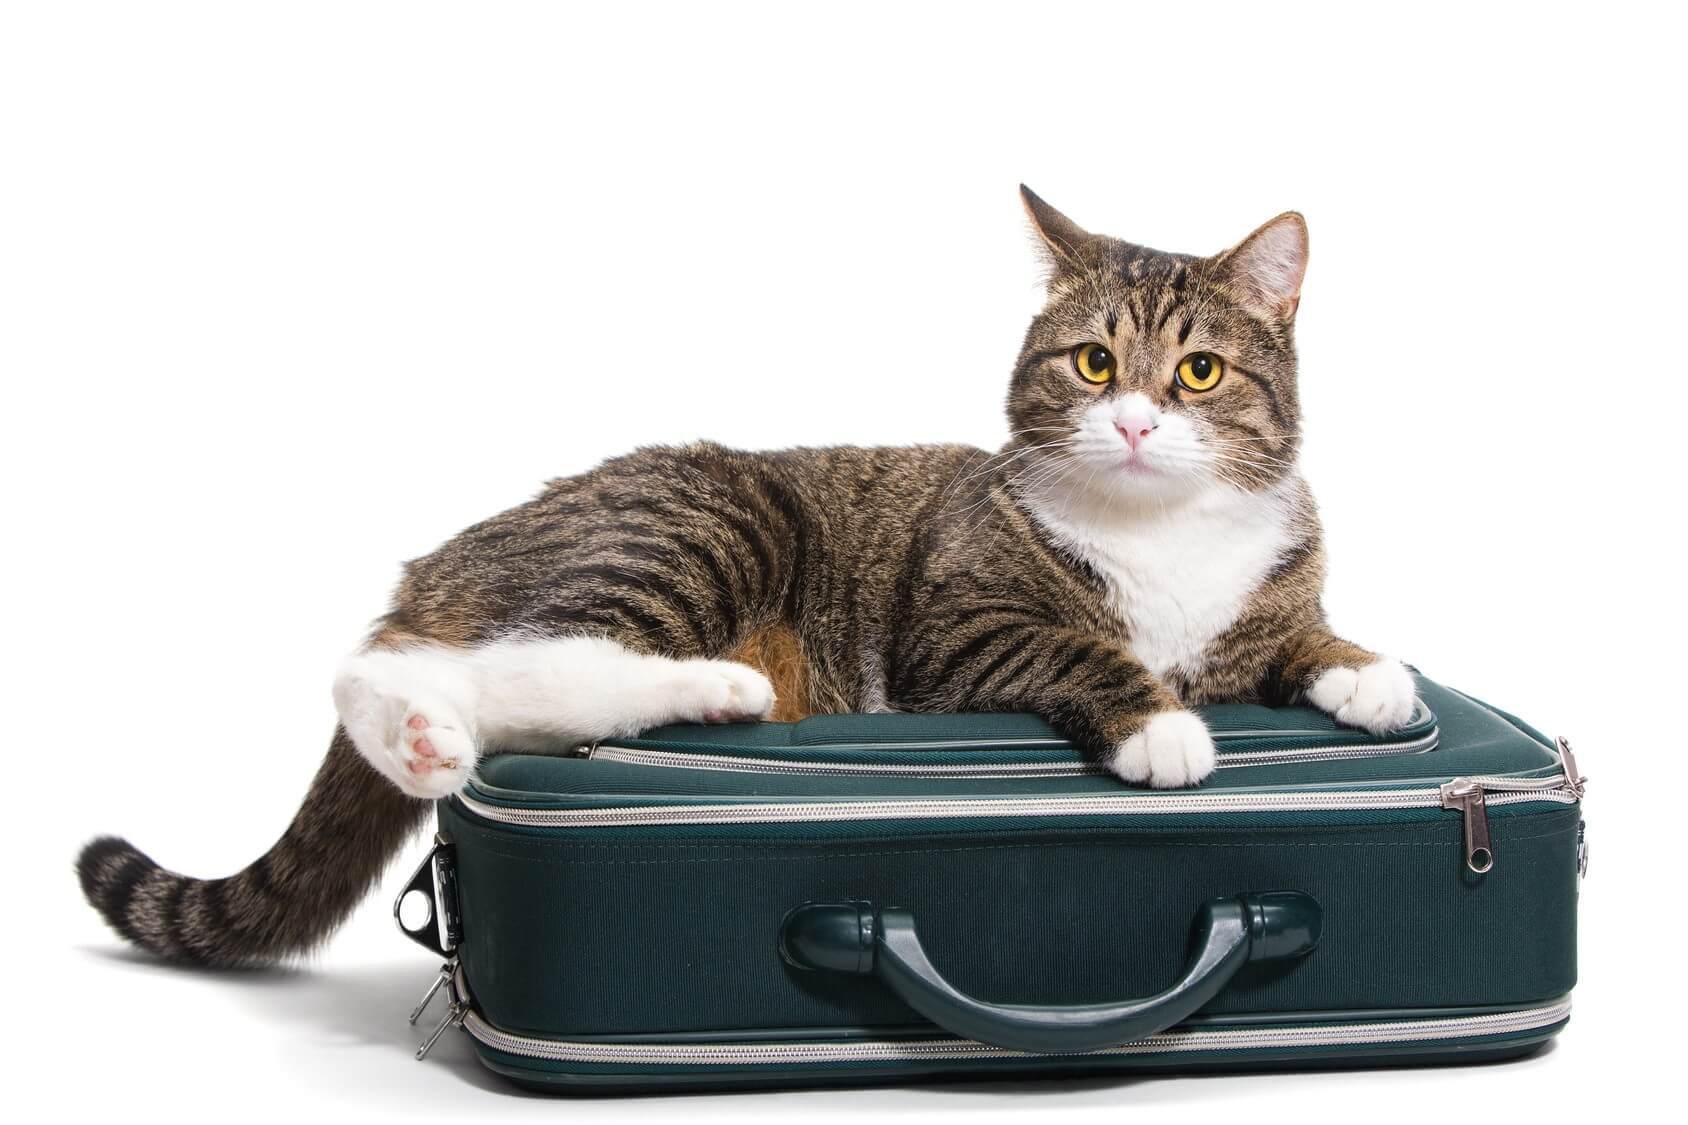 Que hacer con mi gato en vacaciones